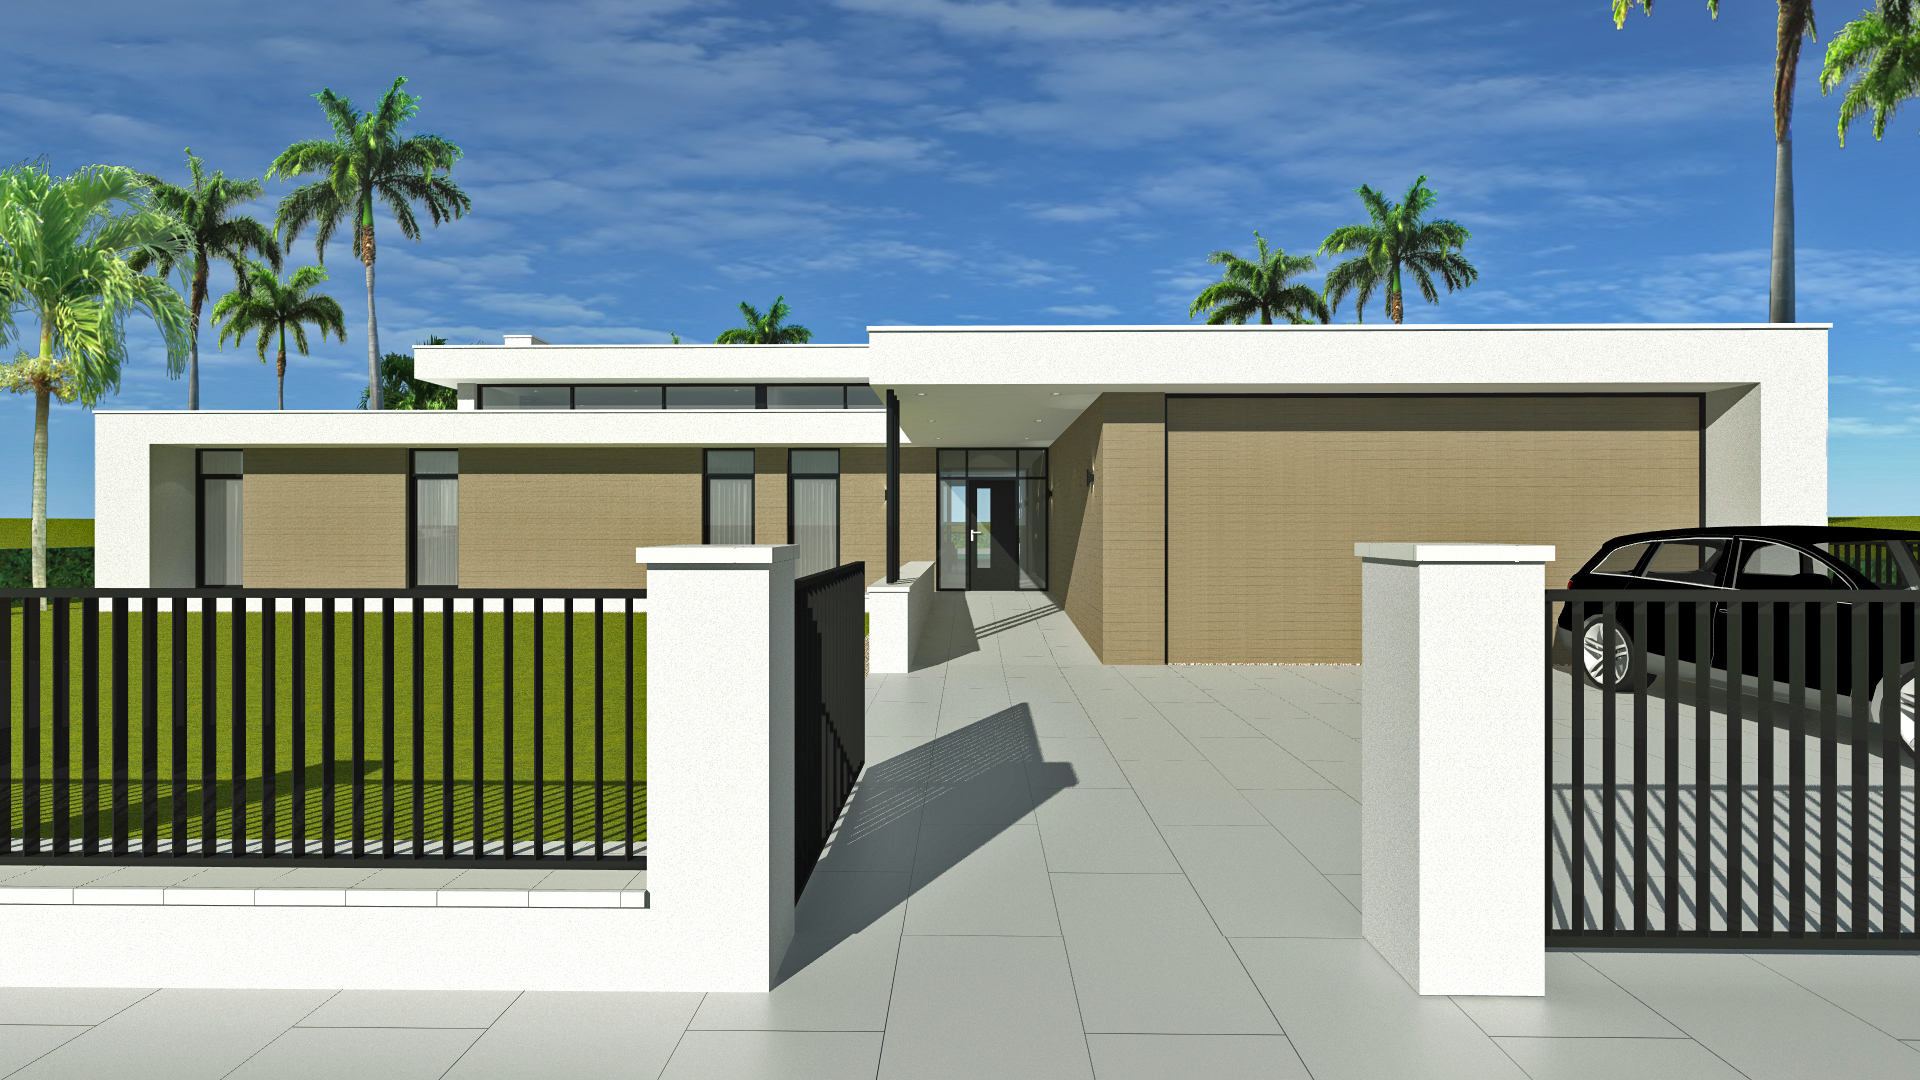 Nieuwbouw villa in de Caribbean op het eiland Aruba heeft Nederlandse architect Maxim Winkelaar uit Amsterdam een moderne nieuwbouwwoning ontworpen met zwembad en gastenverblijf.